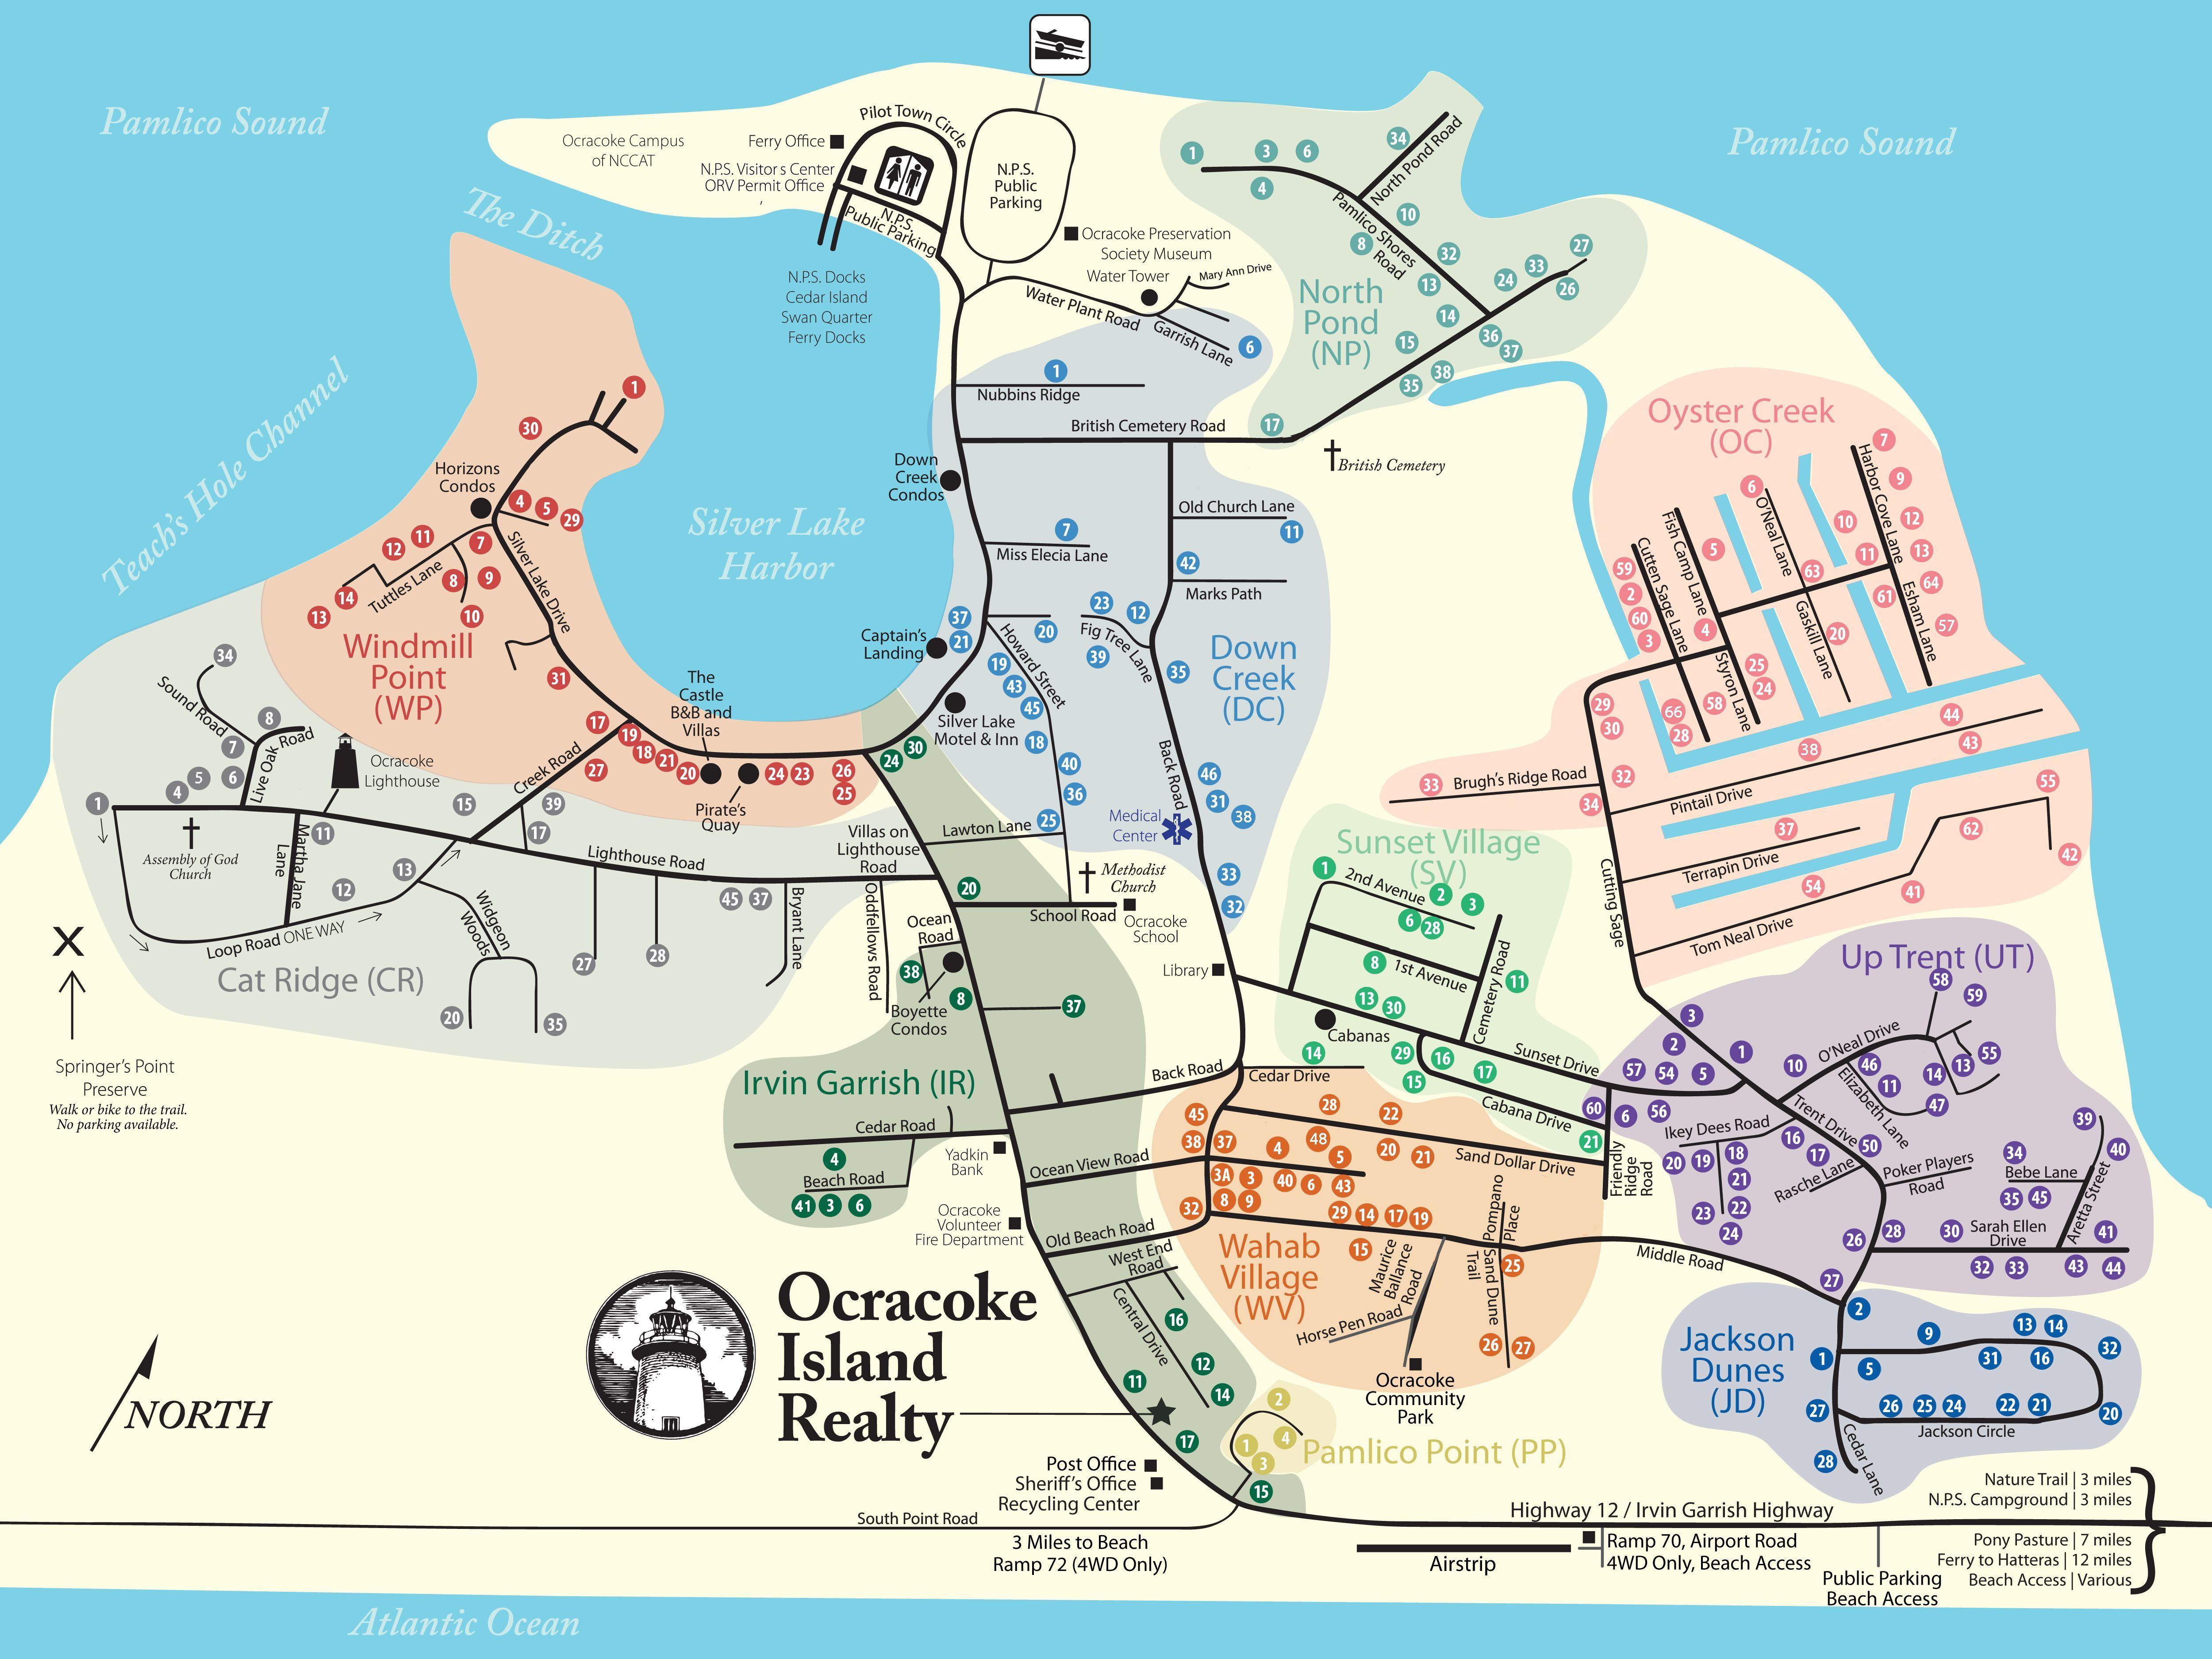 Ocracoke Island Neighborhoods Map Ocracoke Island Realty Vacation Ideas In 2019 Ocracoke